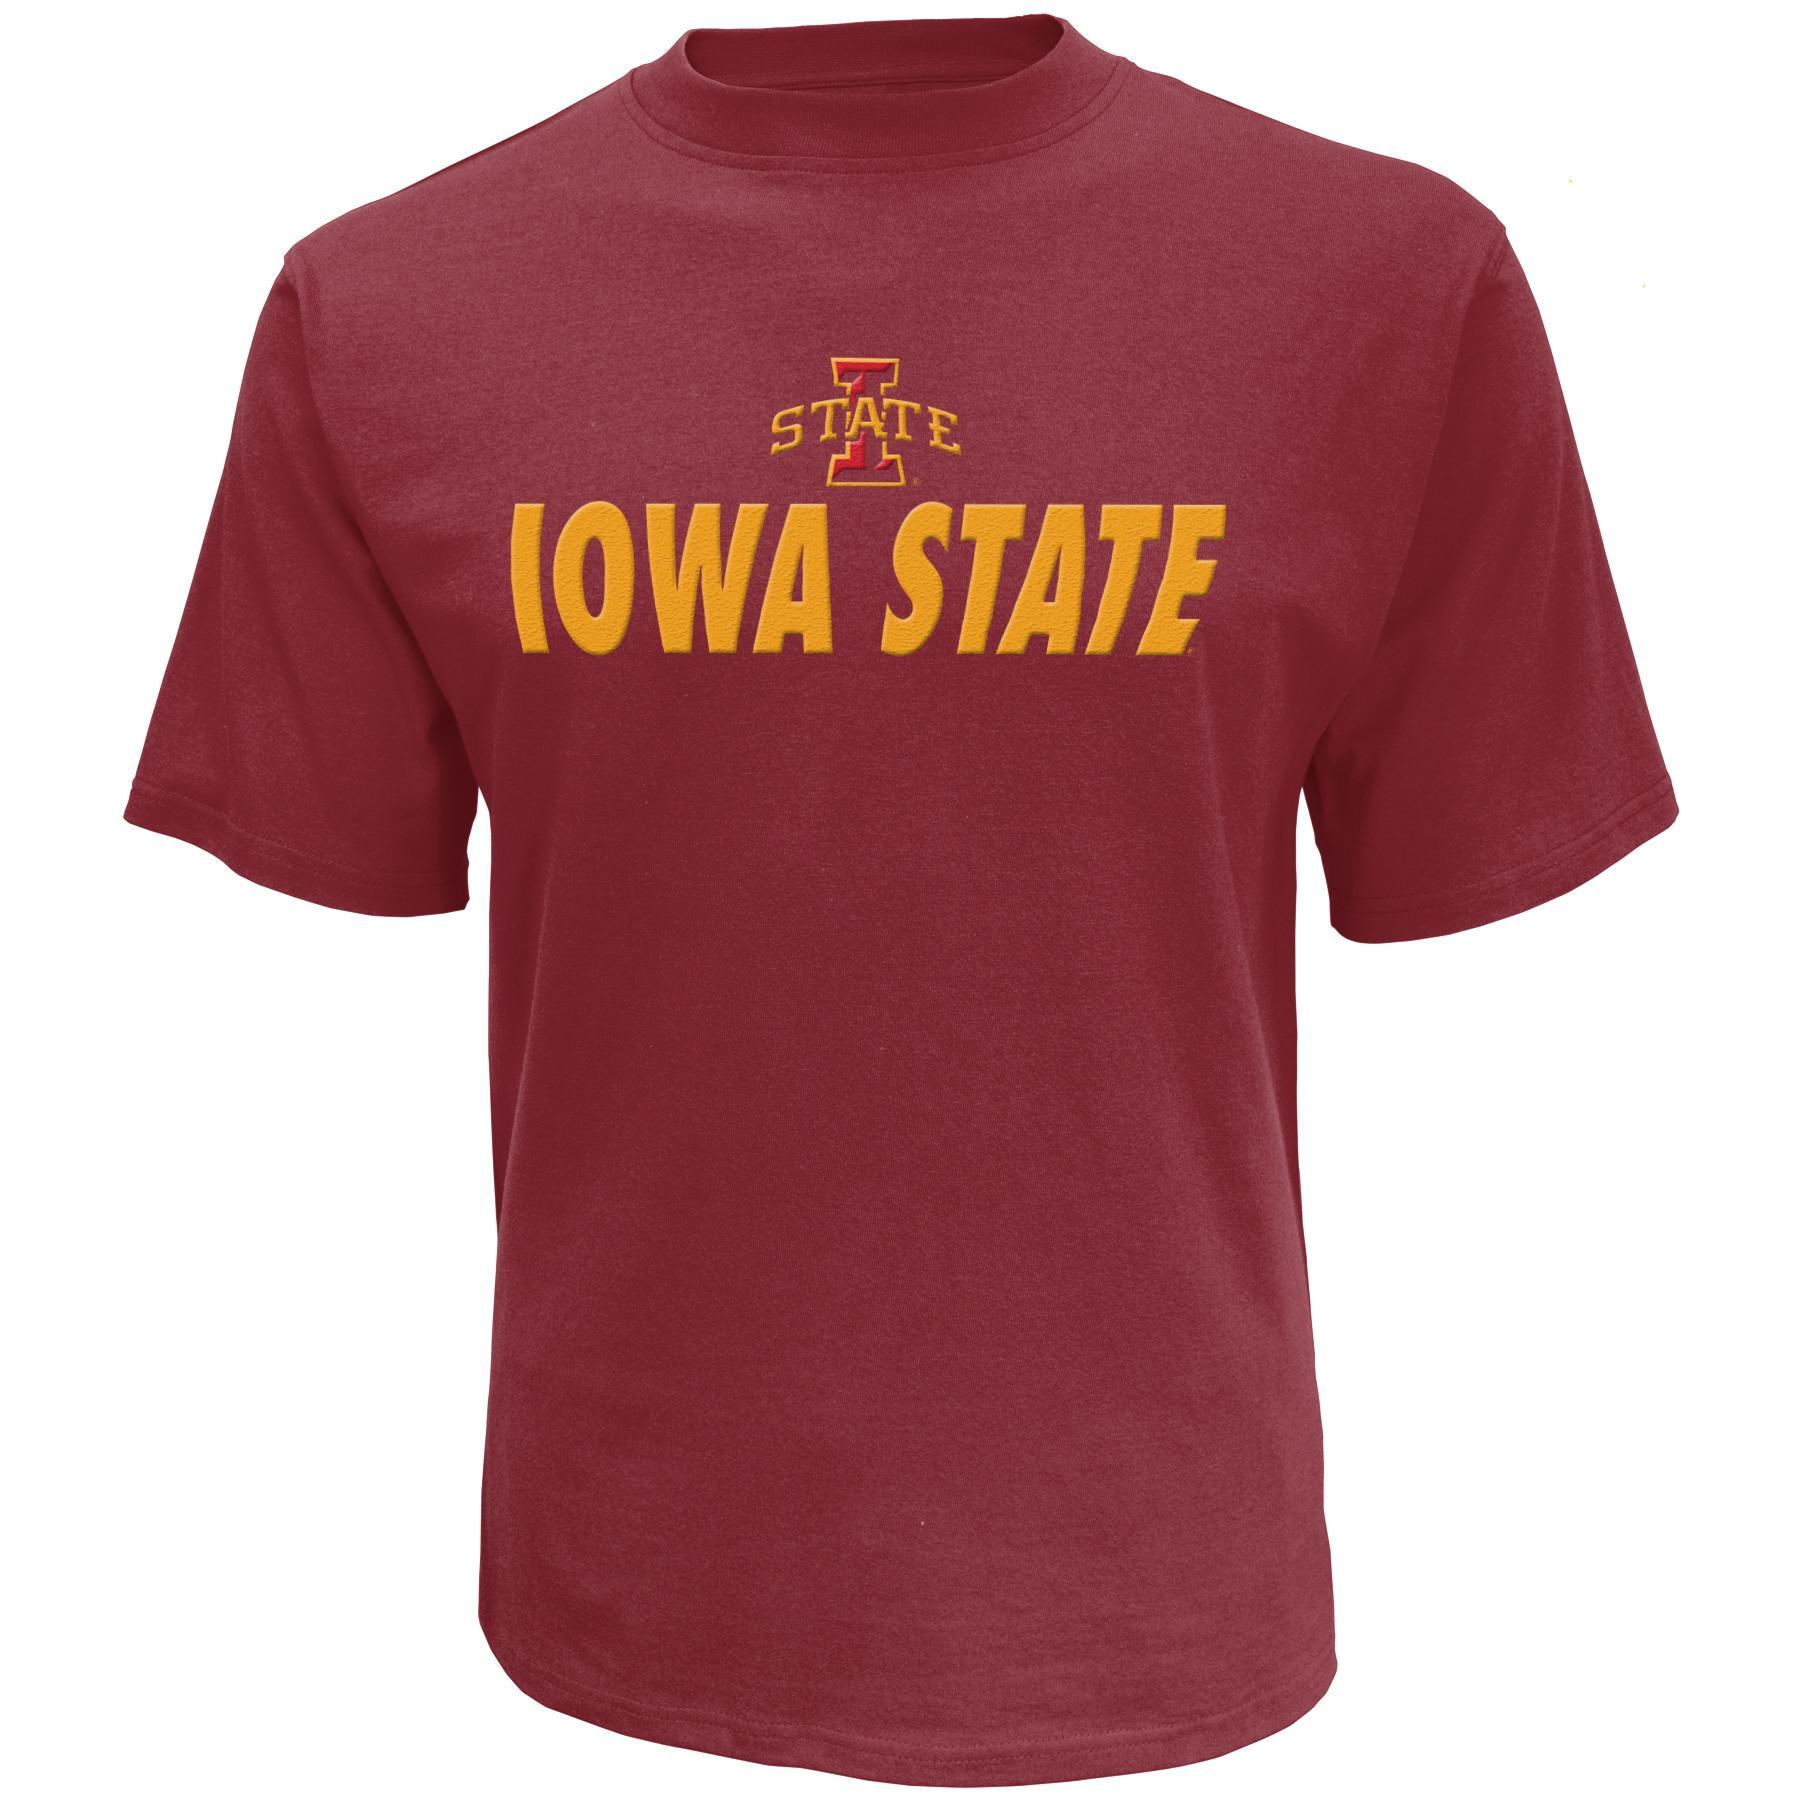 NCAA Men's Embroidered Graphic T-Shirt - Iowa State Cyclones 046VA94595712P